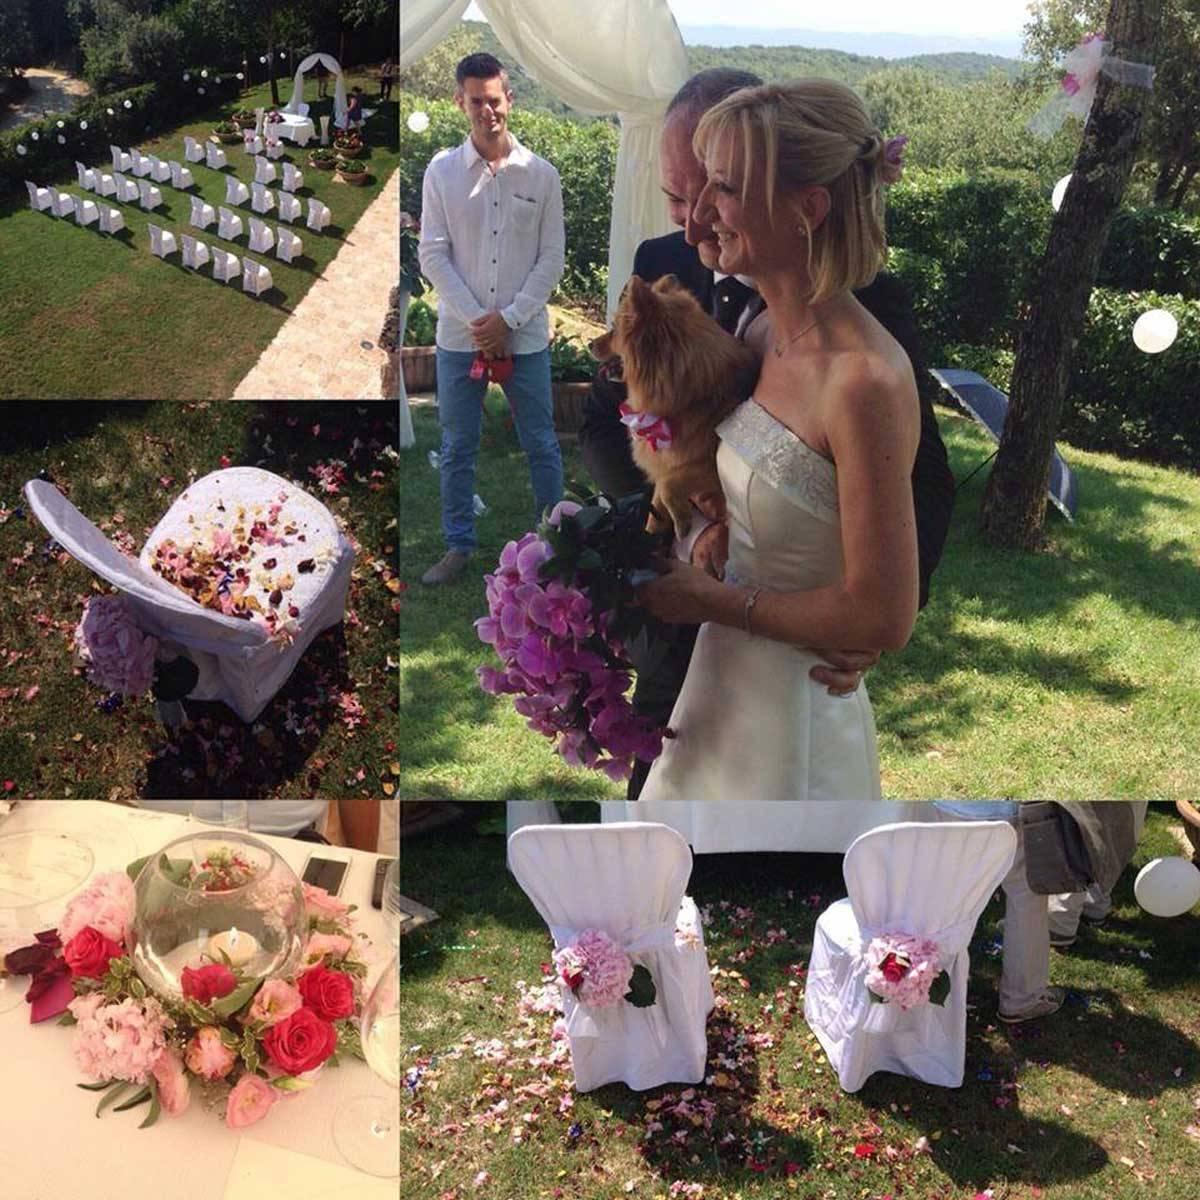 11760045 868994036513884 2980128308600671121 n - Luxury Wedding Gallery